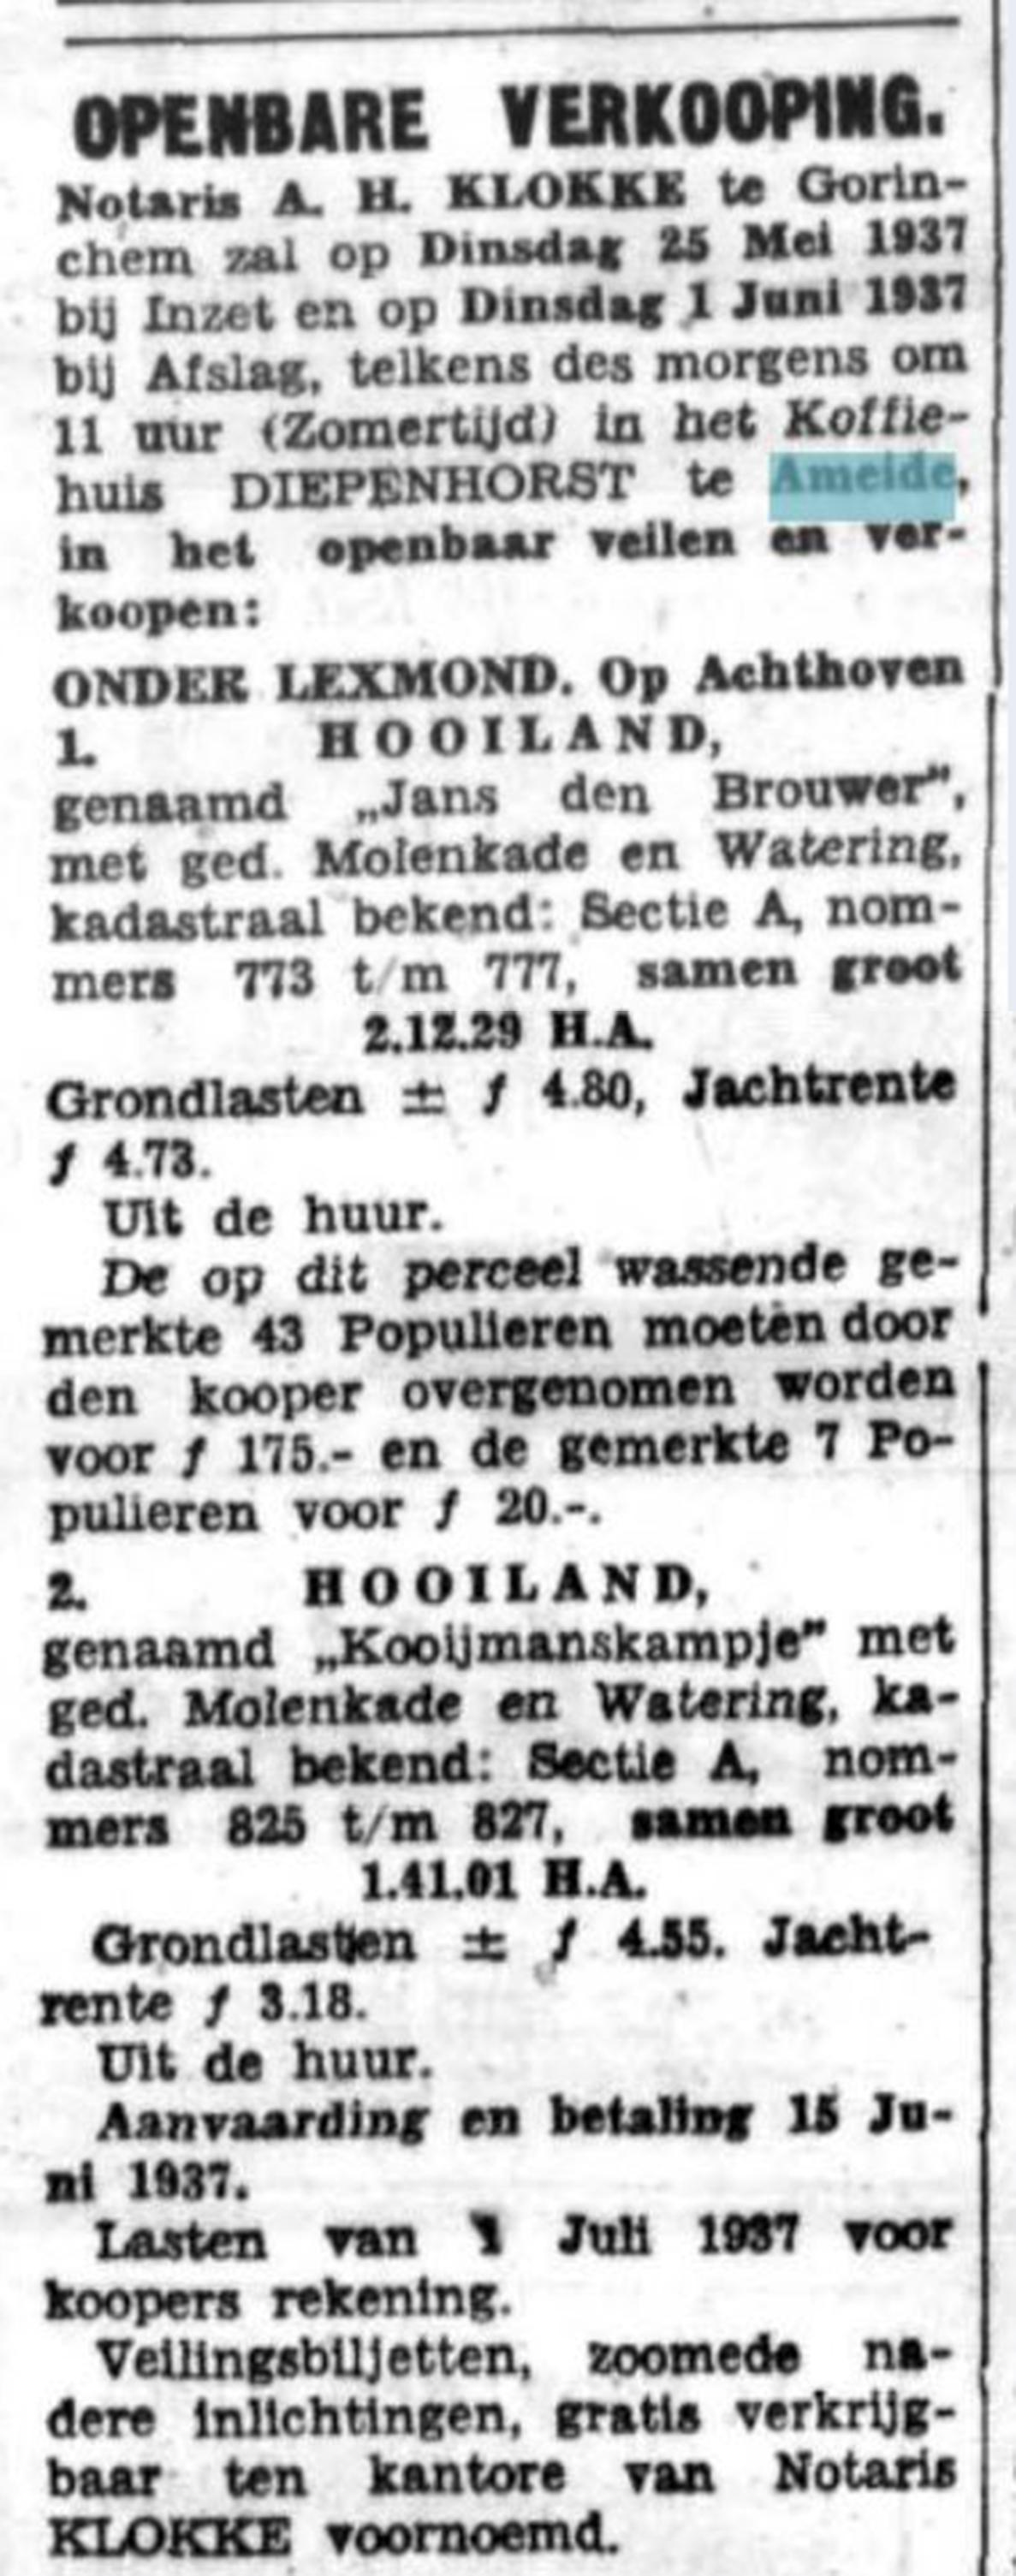 schoonhovensche-courant-06809-1937-05-14-artikel-09